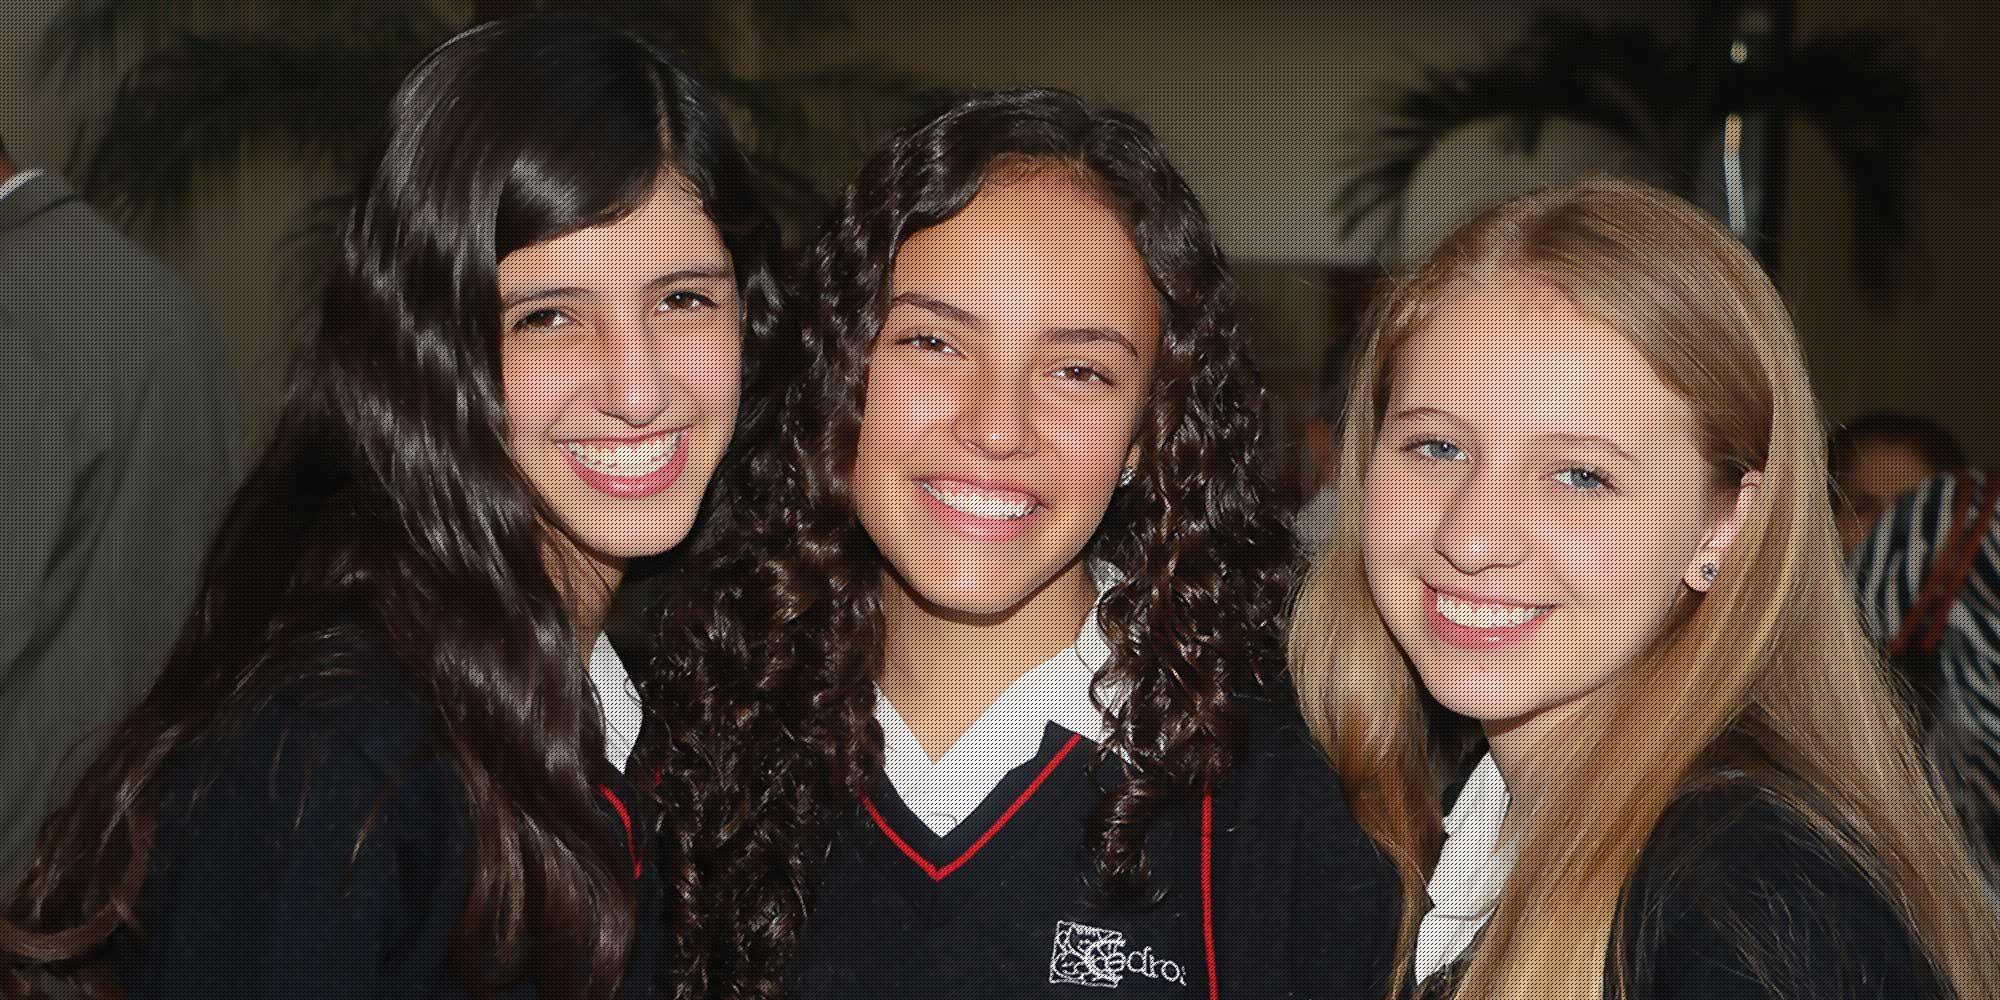 Tres estudiantes de colegio cedros posando para una foto